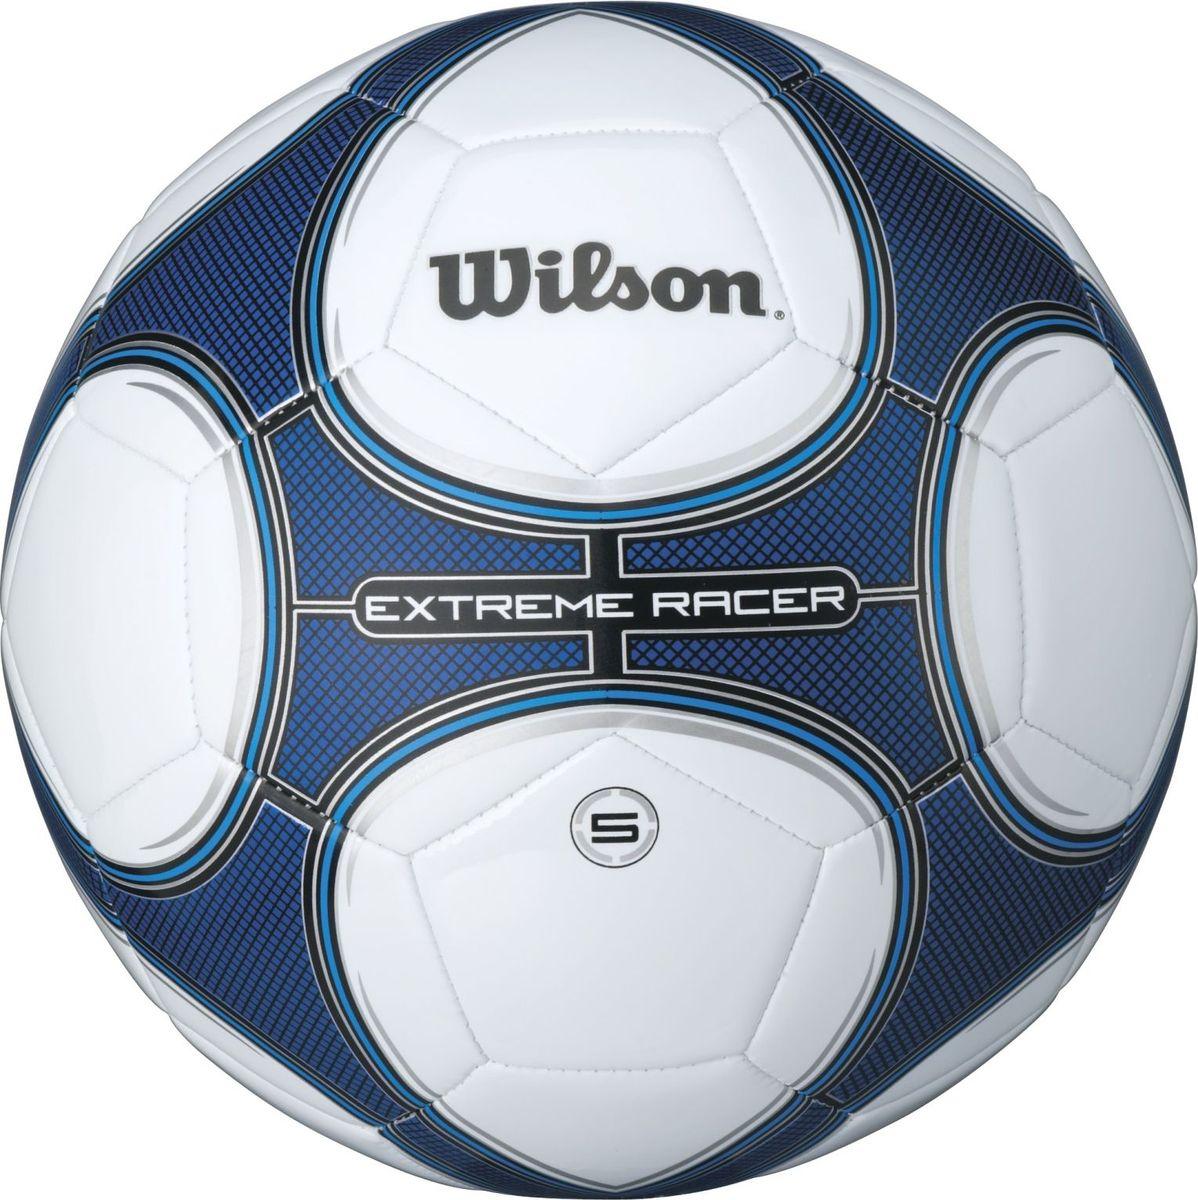 Мяч футбольный Wilson Extreme Racer, цвет: синий. Размер: 5УТ-00009477Новый дизайн мячей EXTREME RACER, водоотталкивающее кожаное покрытие, оптимально мягкое и максимальная износостойкость.